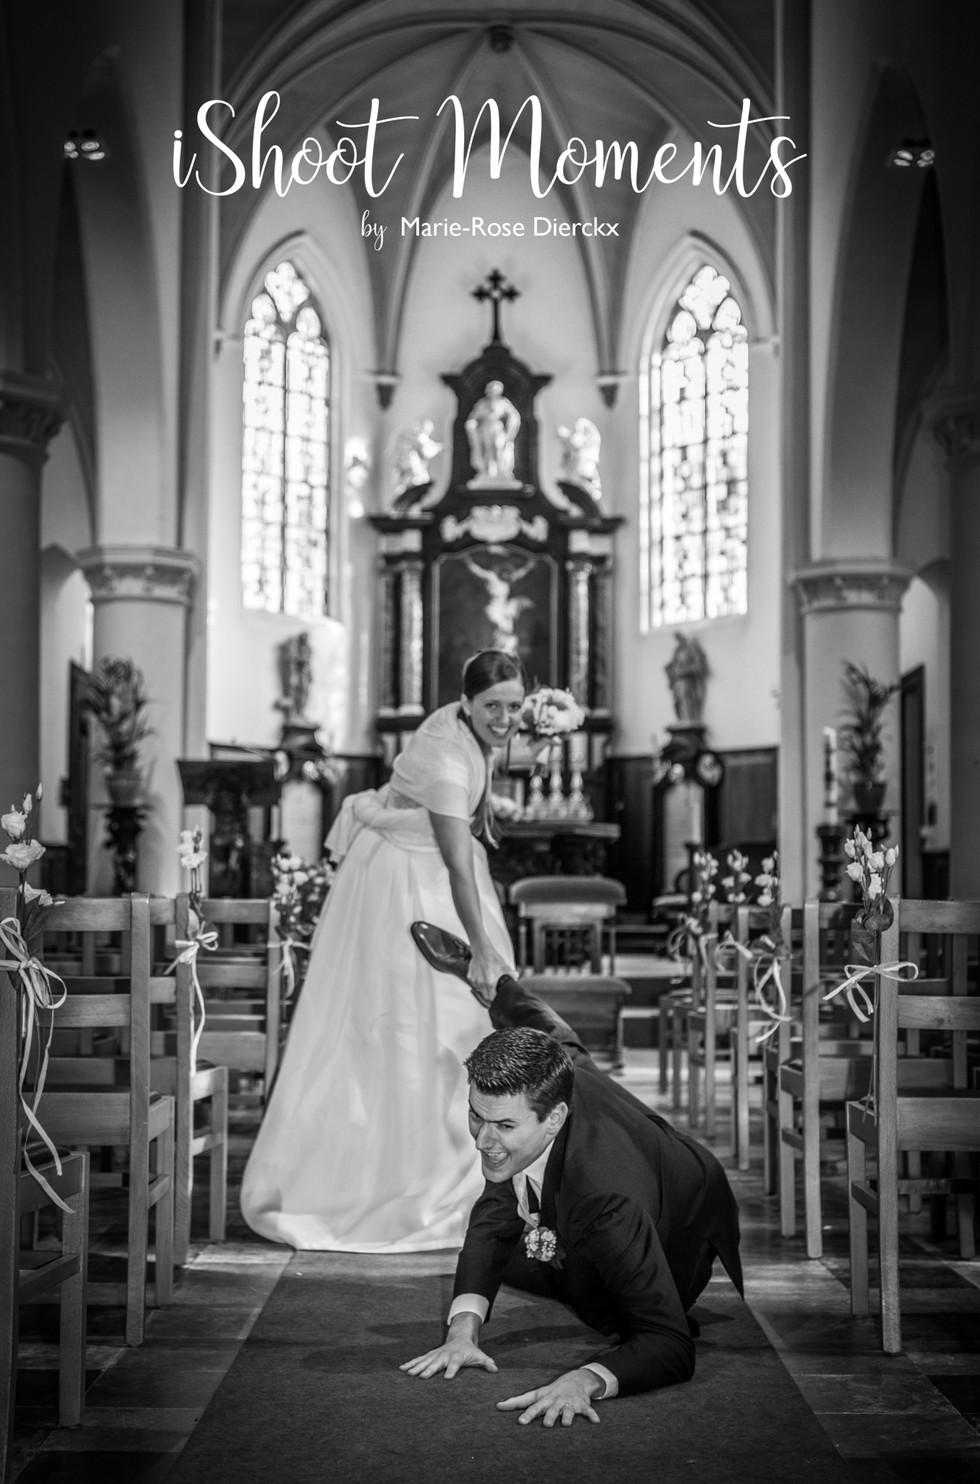 Huwelijksreportage door iShoot Moments uit Ekeren, Antwerpen, fotografie in binnen -en buitenland.